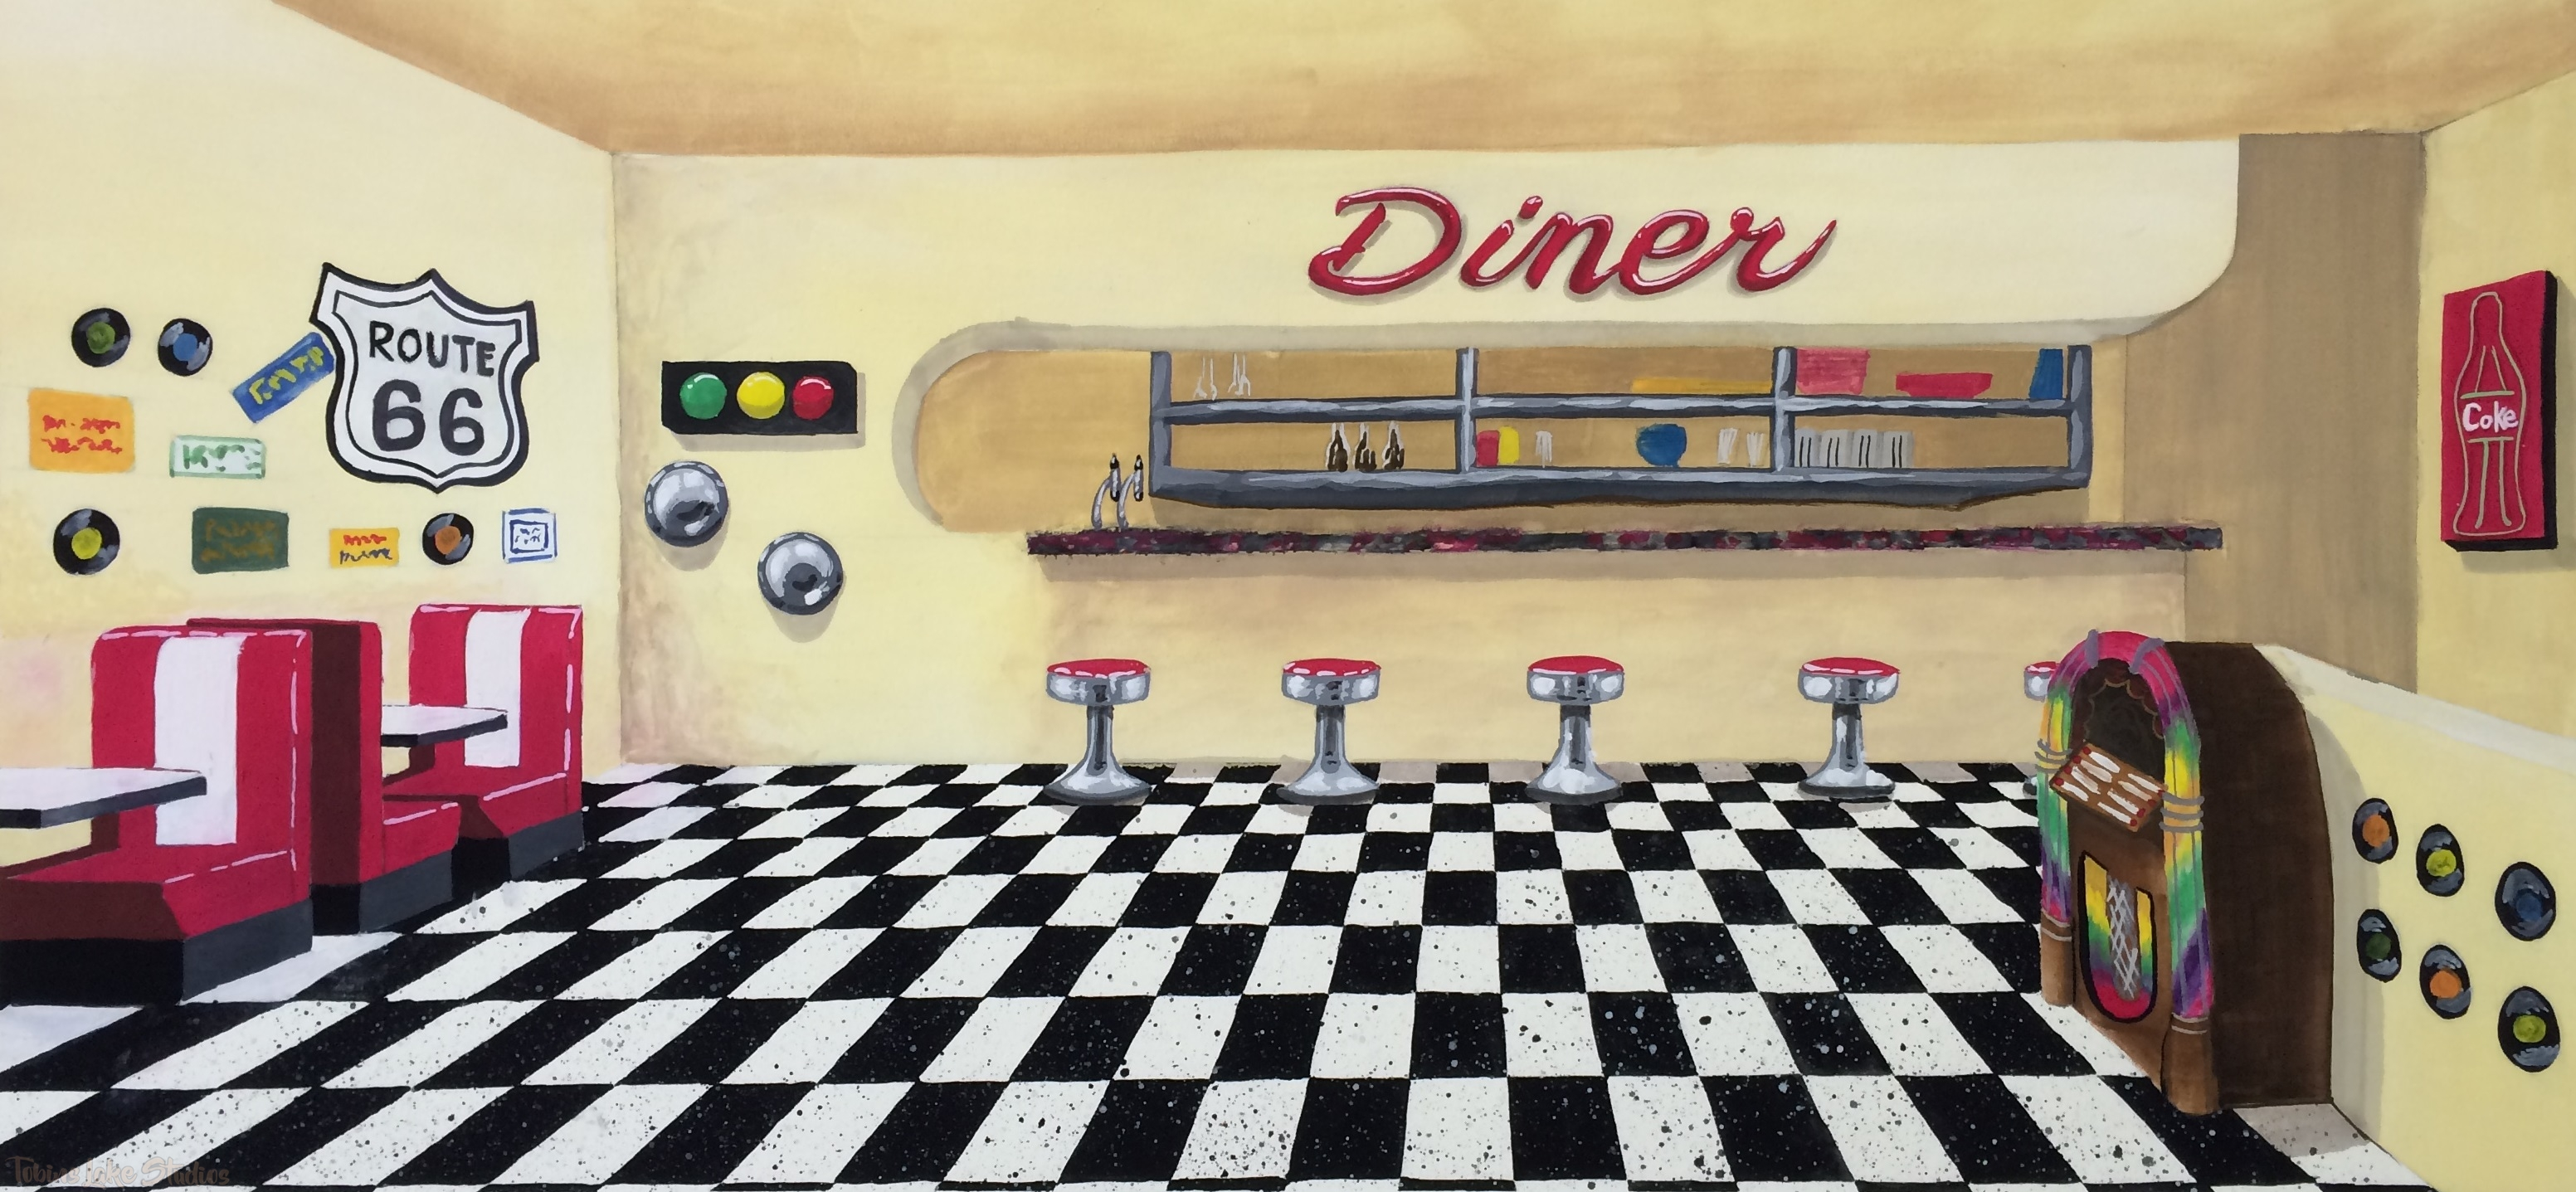 63 Fifties Diner